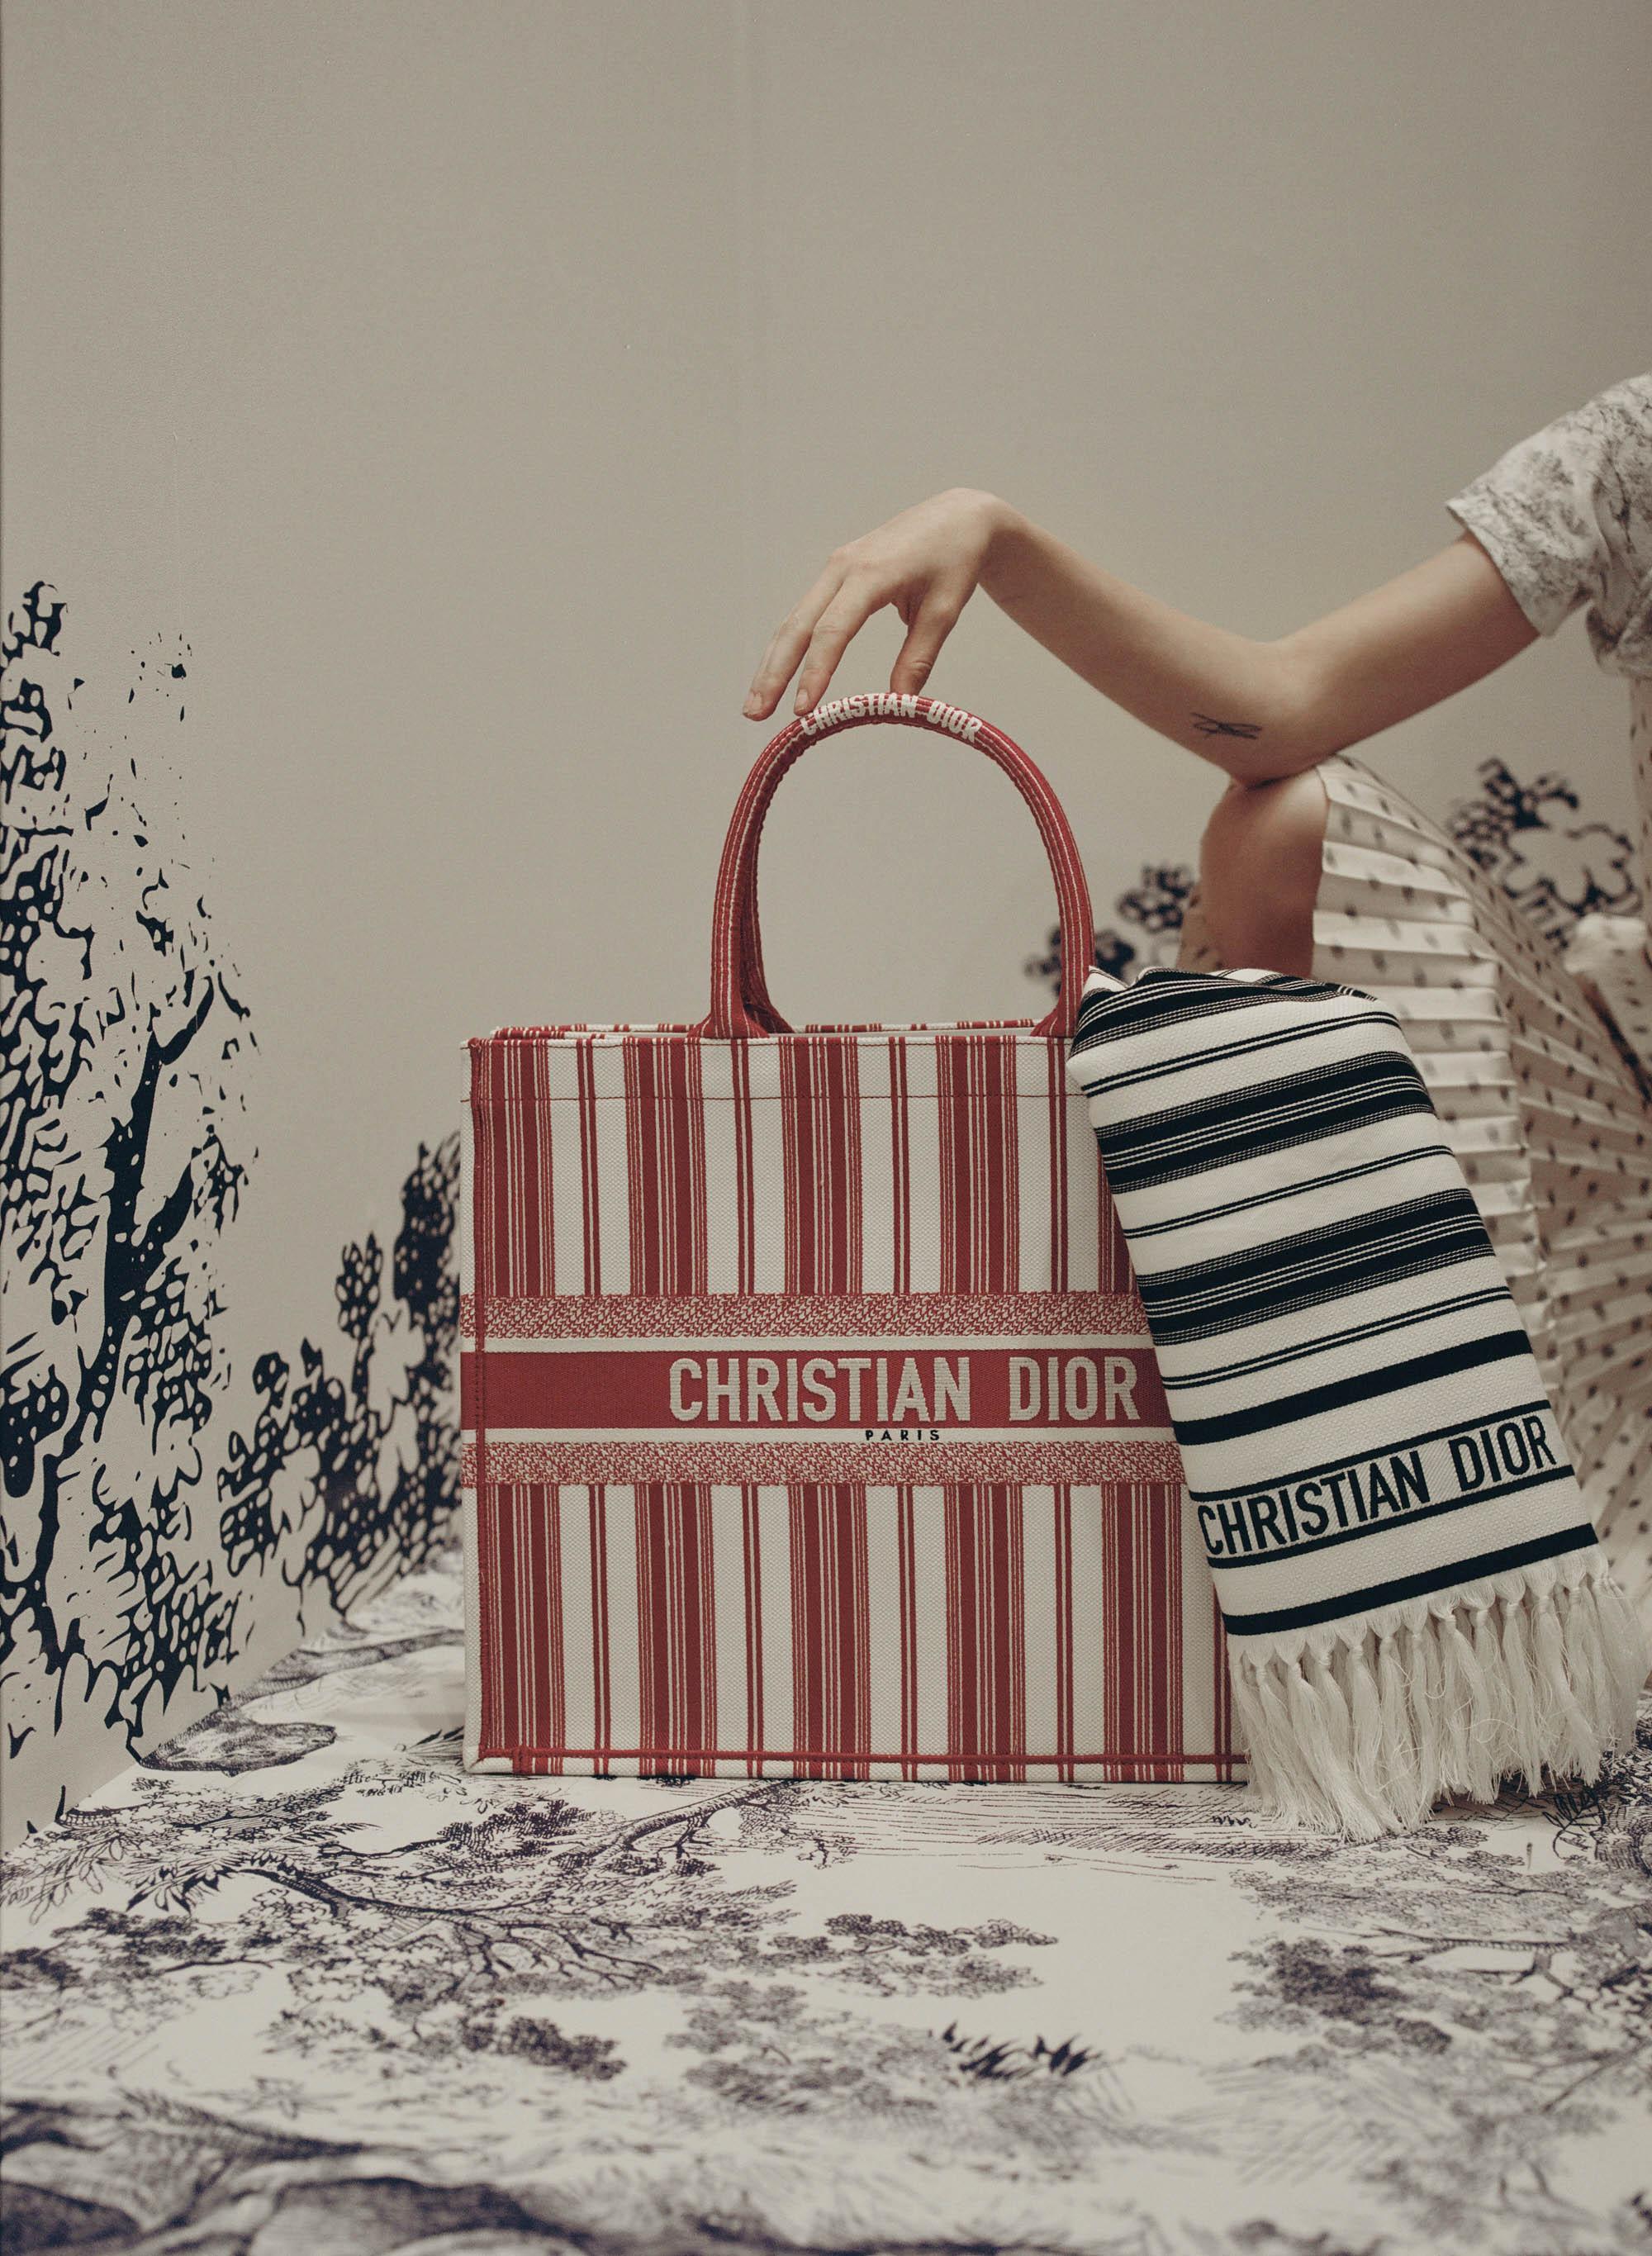 DAPHNENGUYEN-Dior x Matilda final-181214000246270001.jpg